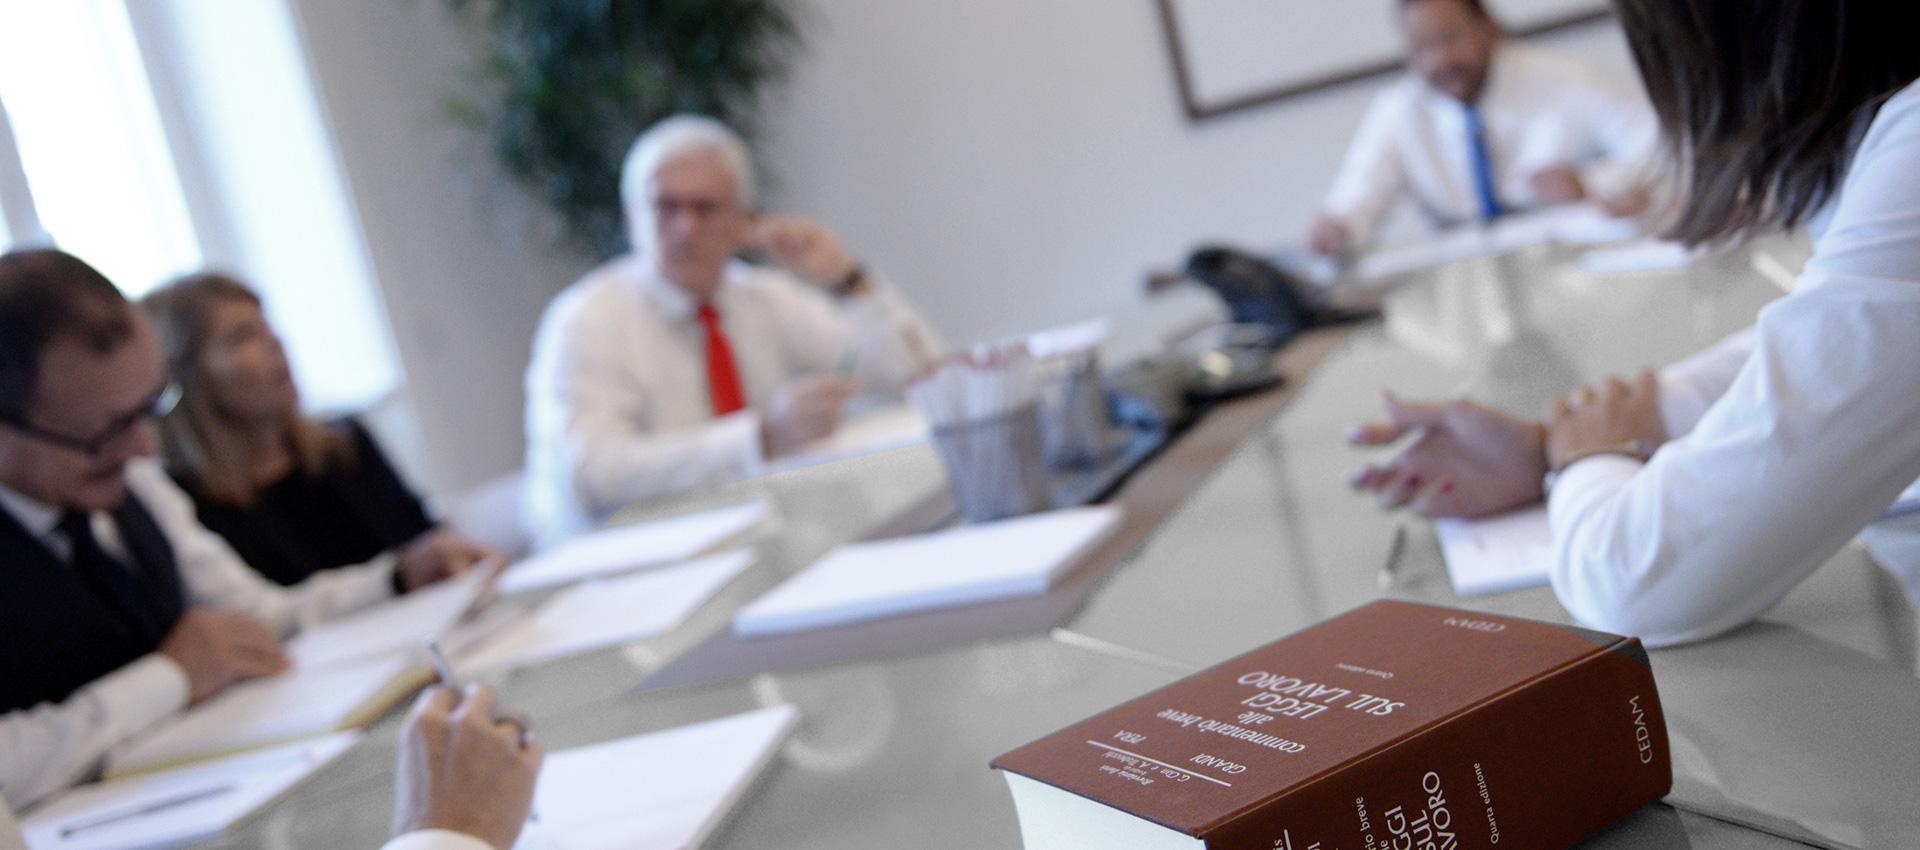 Studio legale specializzato in Diritto del Lavoro